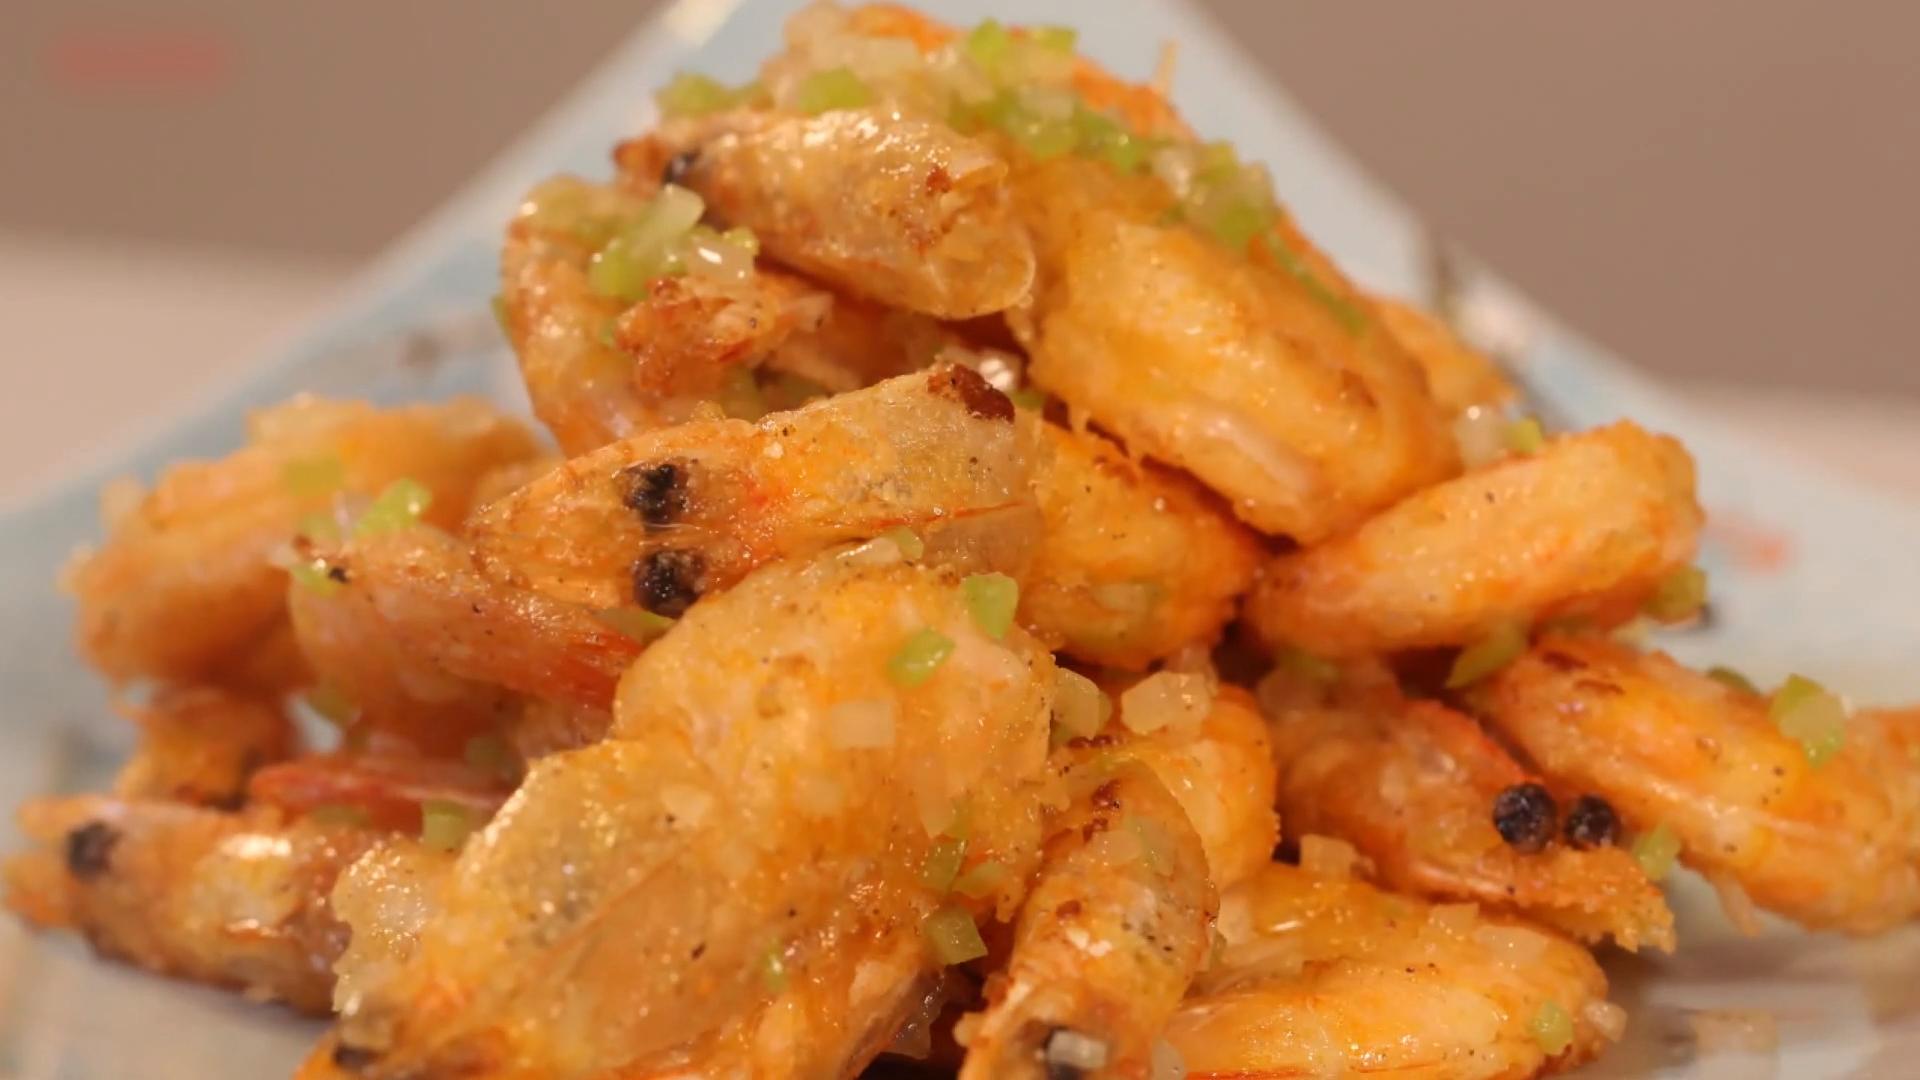 椒盐虾的做法_蒜蓉虾的做法  第2张